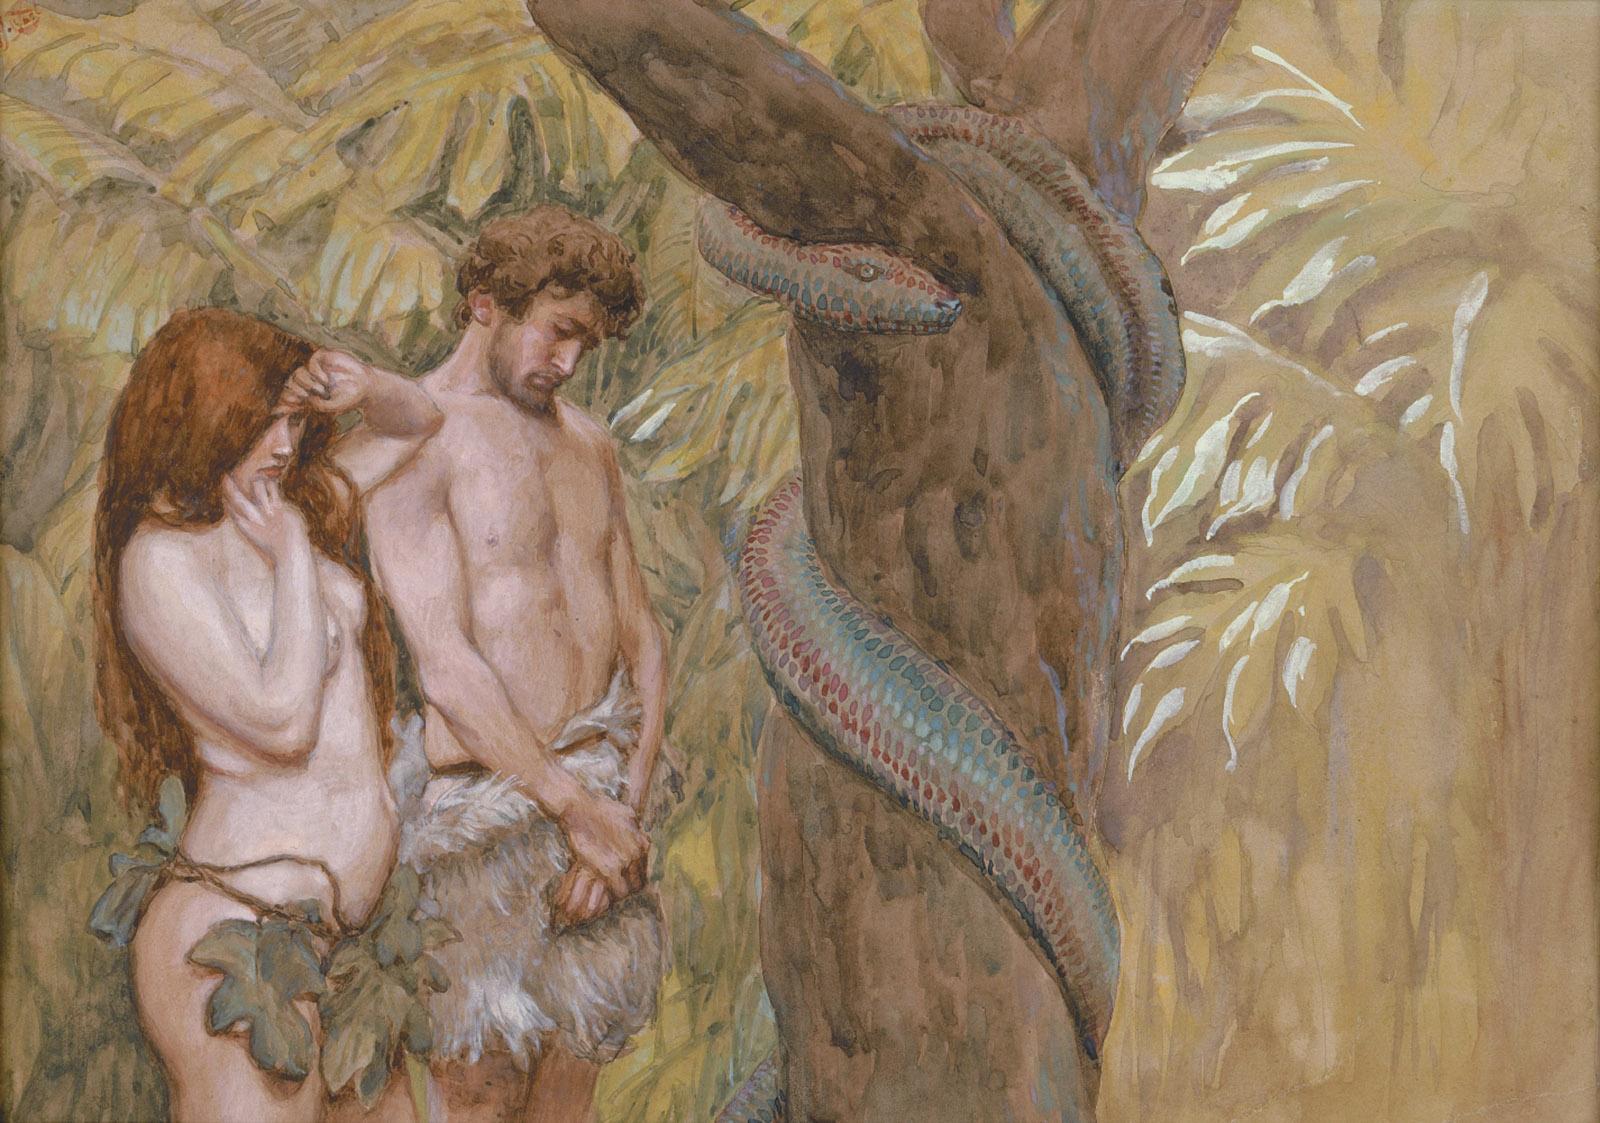 James Tissot: God's Curse, circa 1896–1902